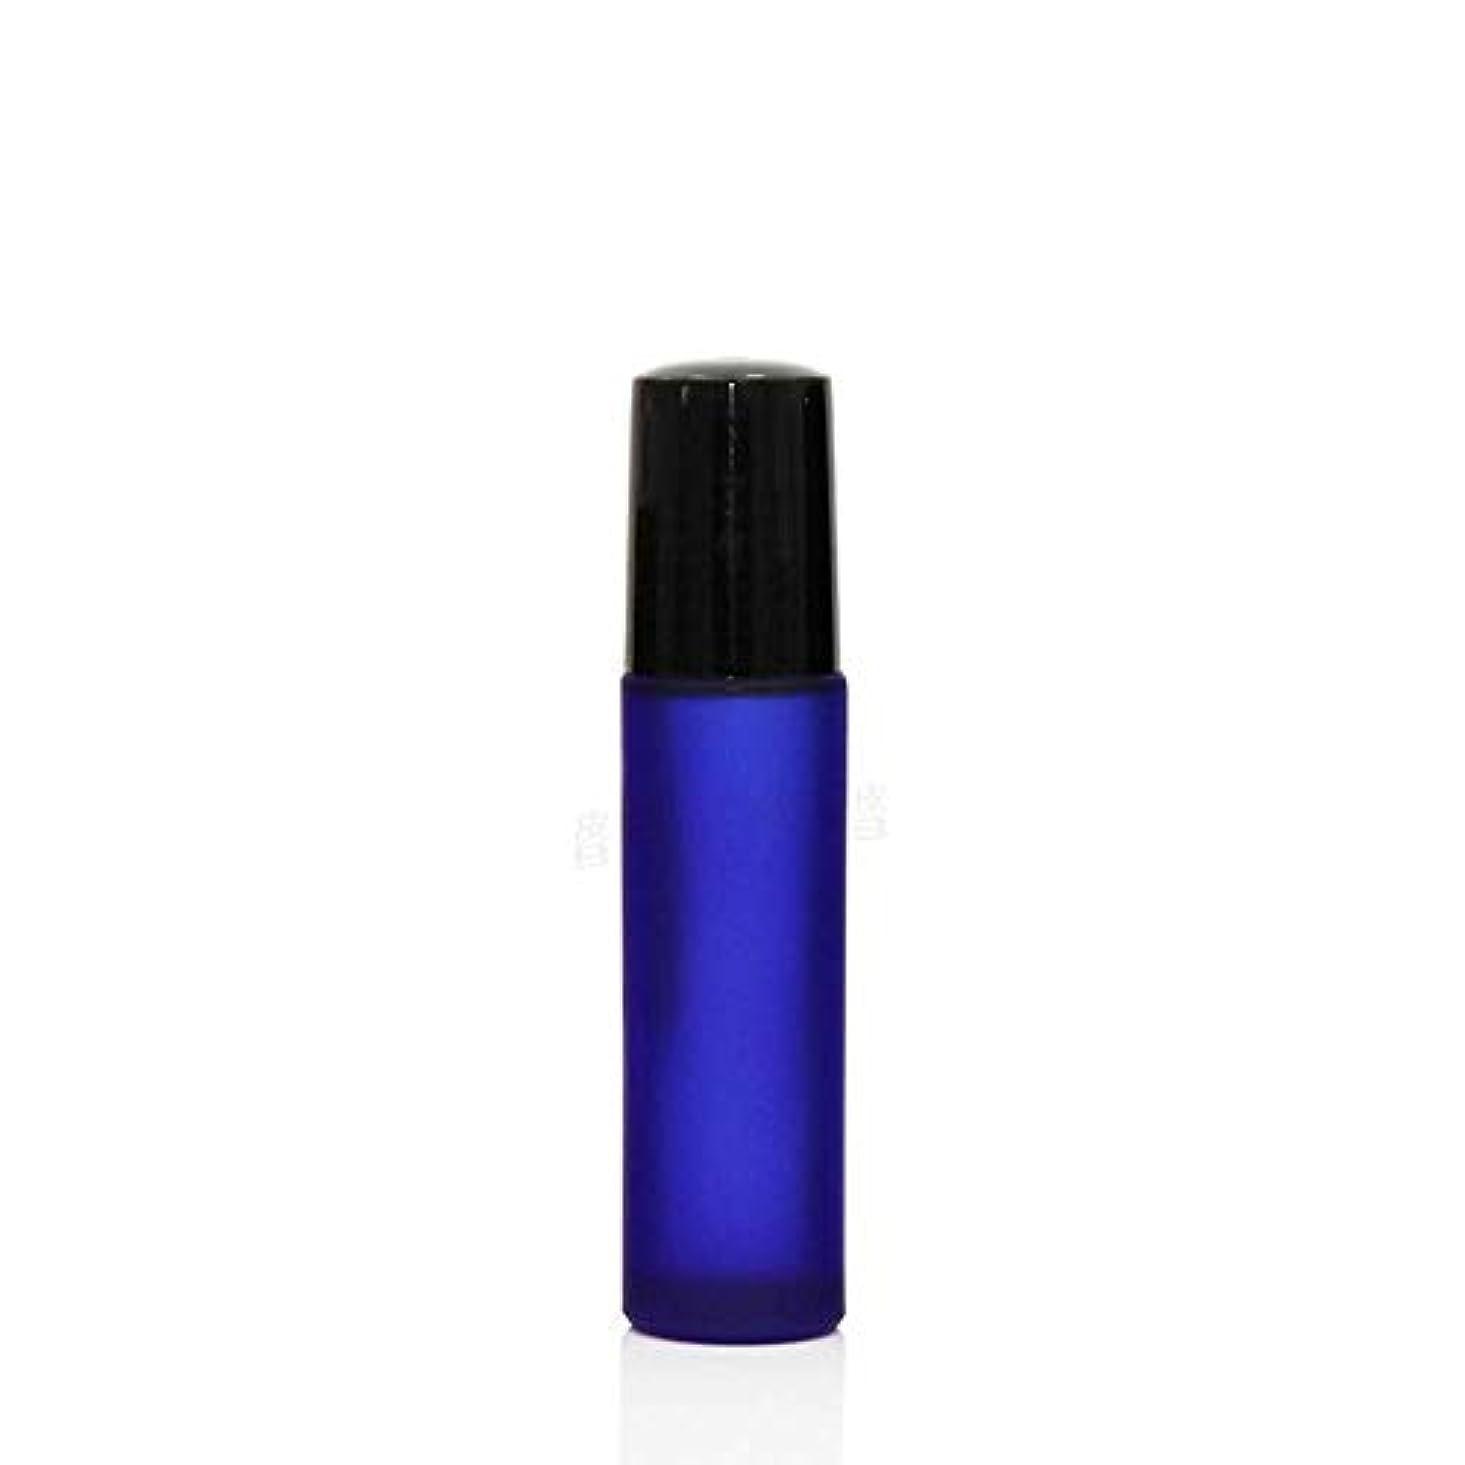 パッドユダヤ人会計士Simg ロールオンボトル アロマオイル 精油 小分け用 遮光瓶 10ml 10本セット ガラスロールタイプ (ブルー)